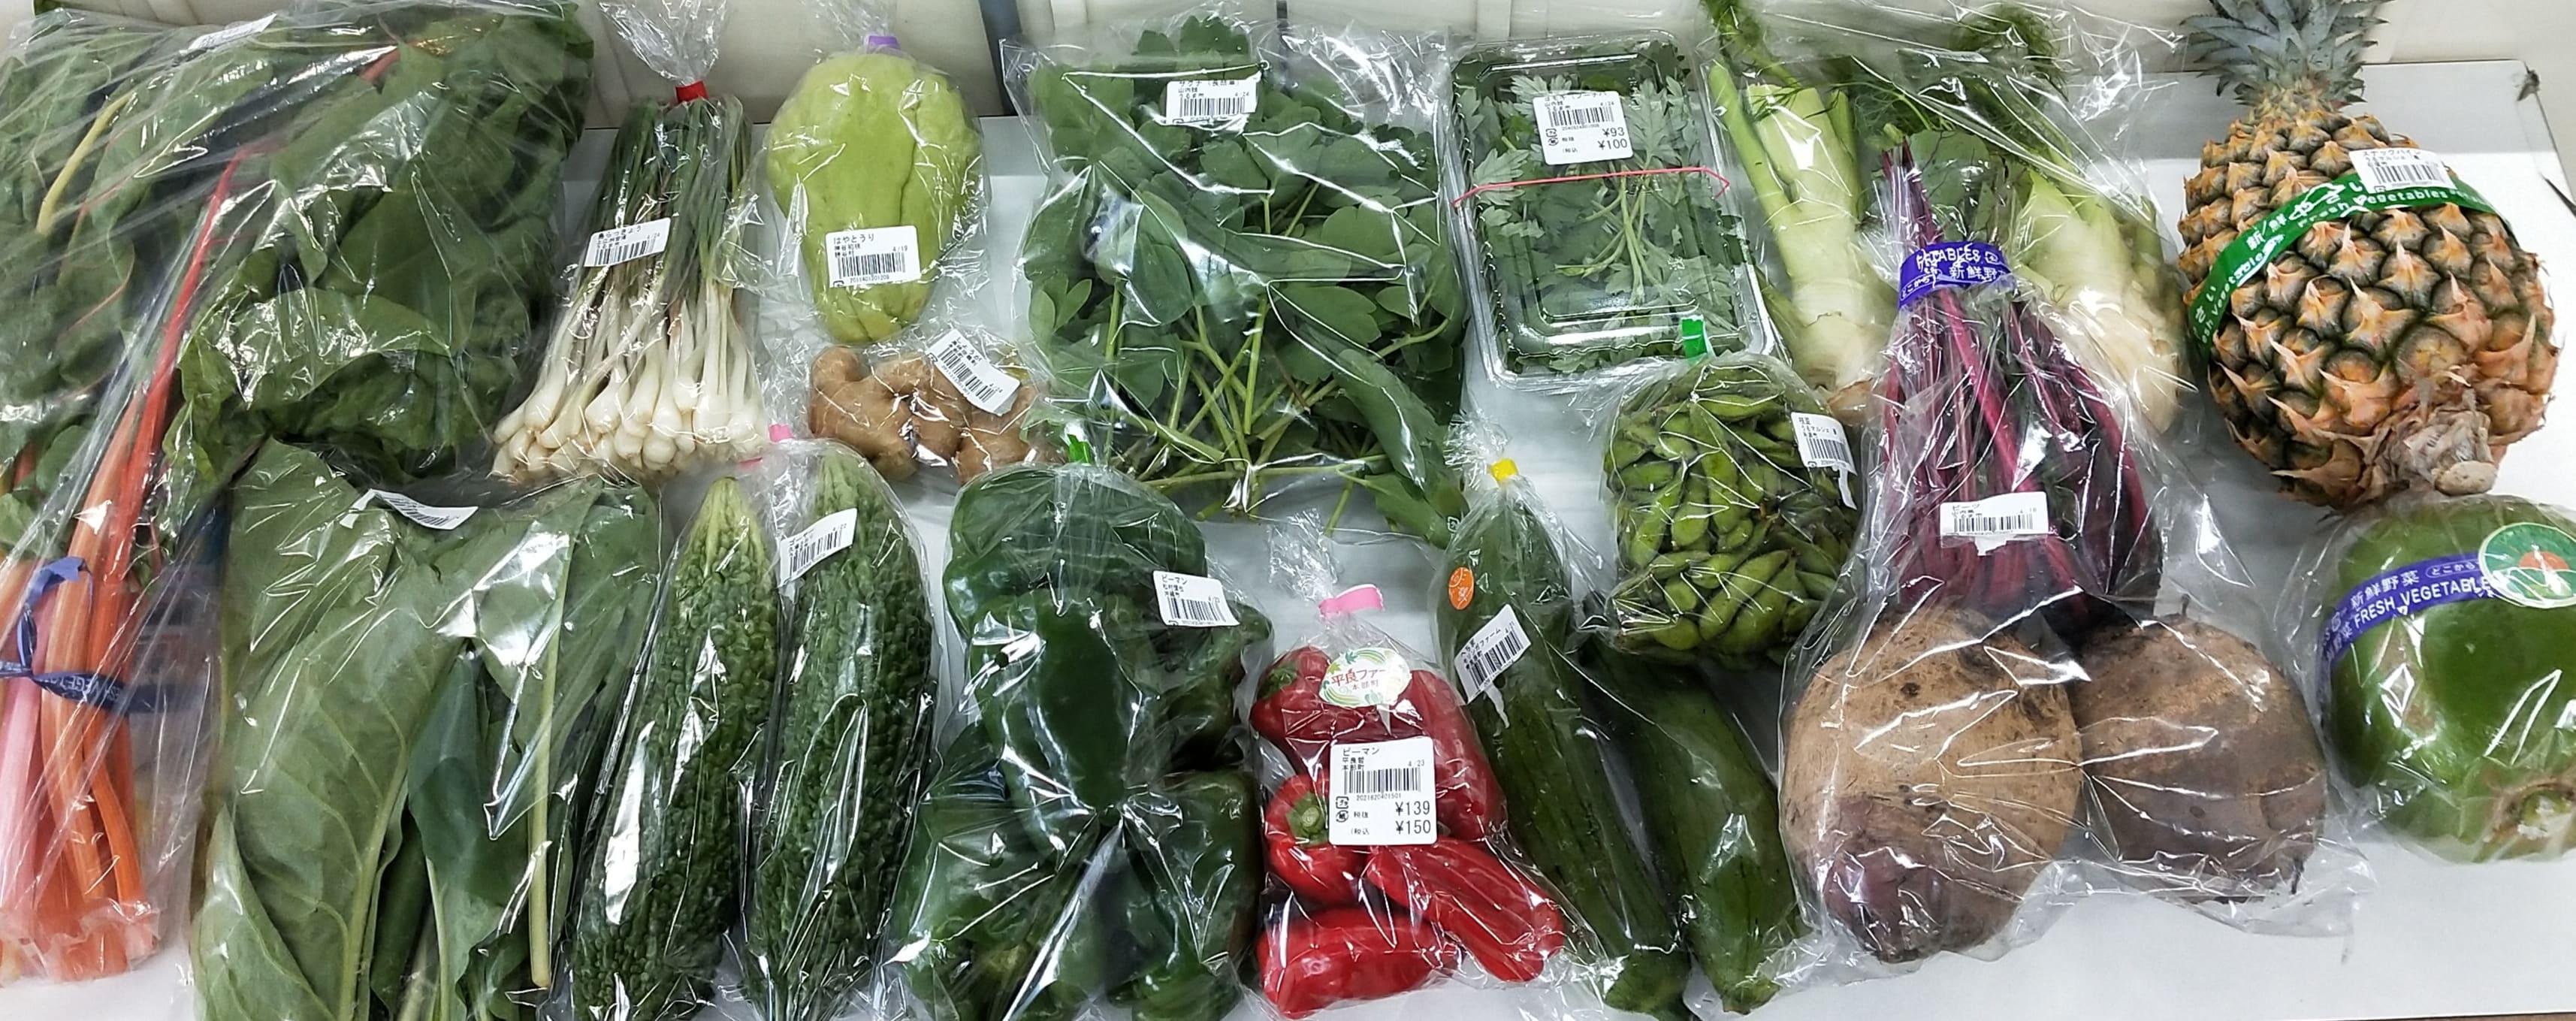 <内容例2> 沖縄伝統野菜:ふだんそう、サクナ、ニガナ、ヨモギ、島らっきょう、ヘチマ、ゴーヤ、イーチョーバー 野菜:ビーツ、はやとうり、生姜、ピーマン、赤ピーマン、枝豆、青パパイヤ 果物:スナックパイン